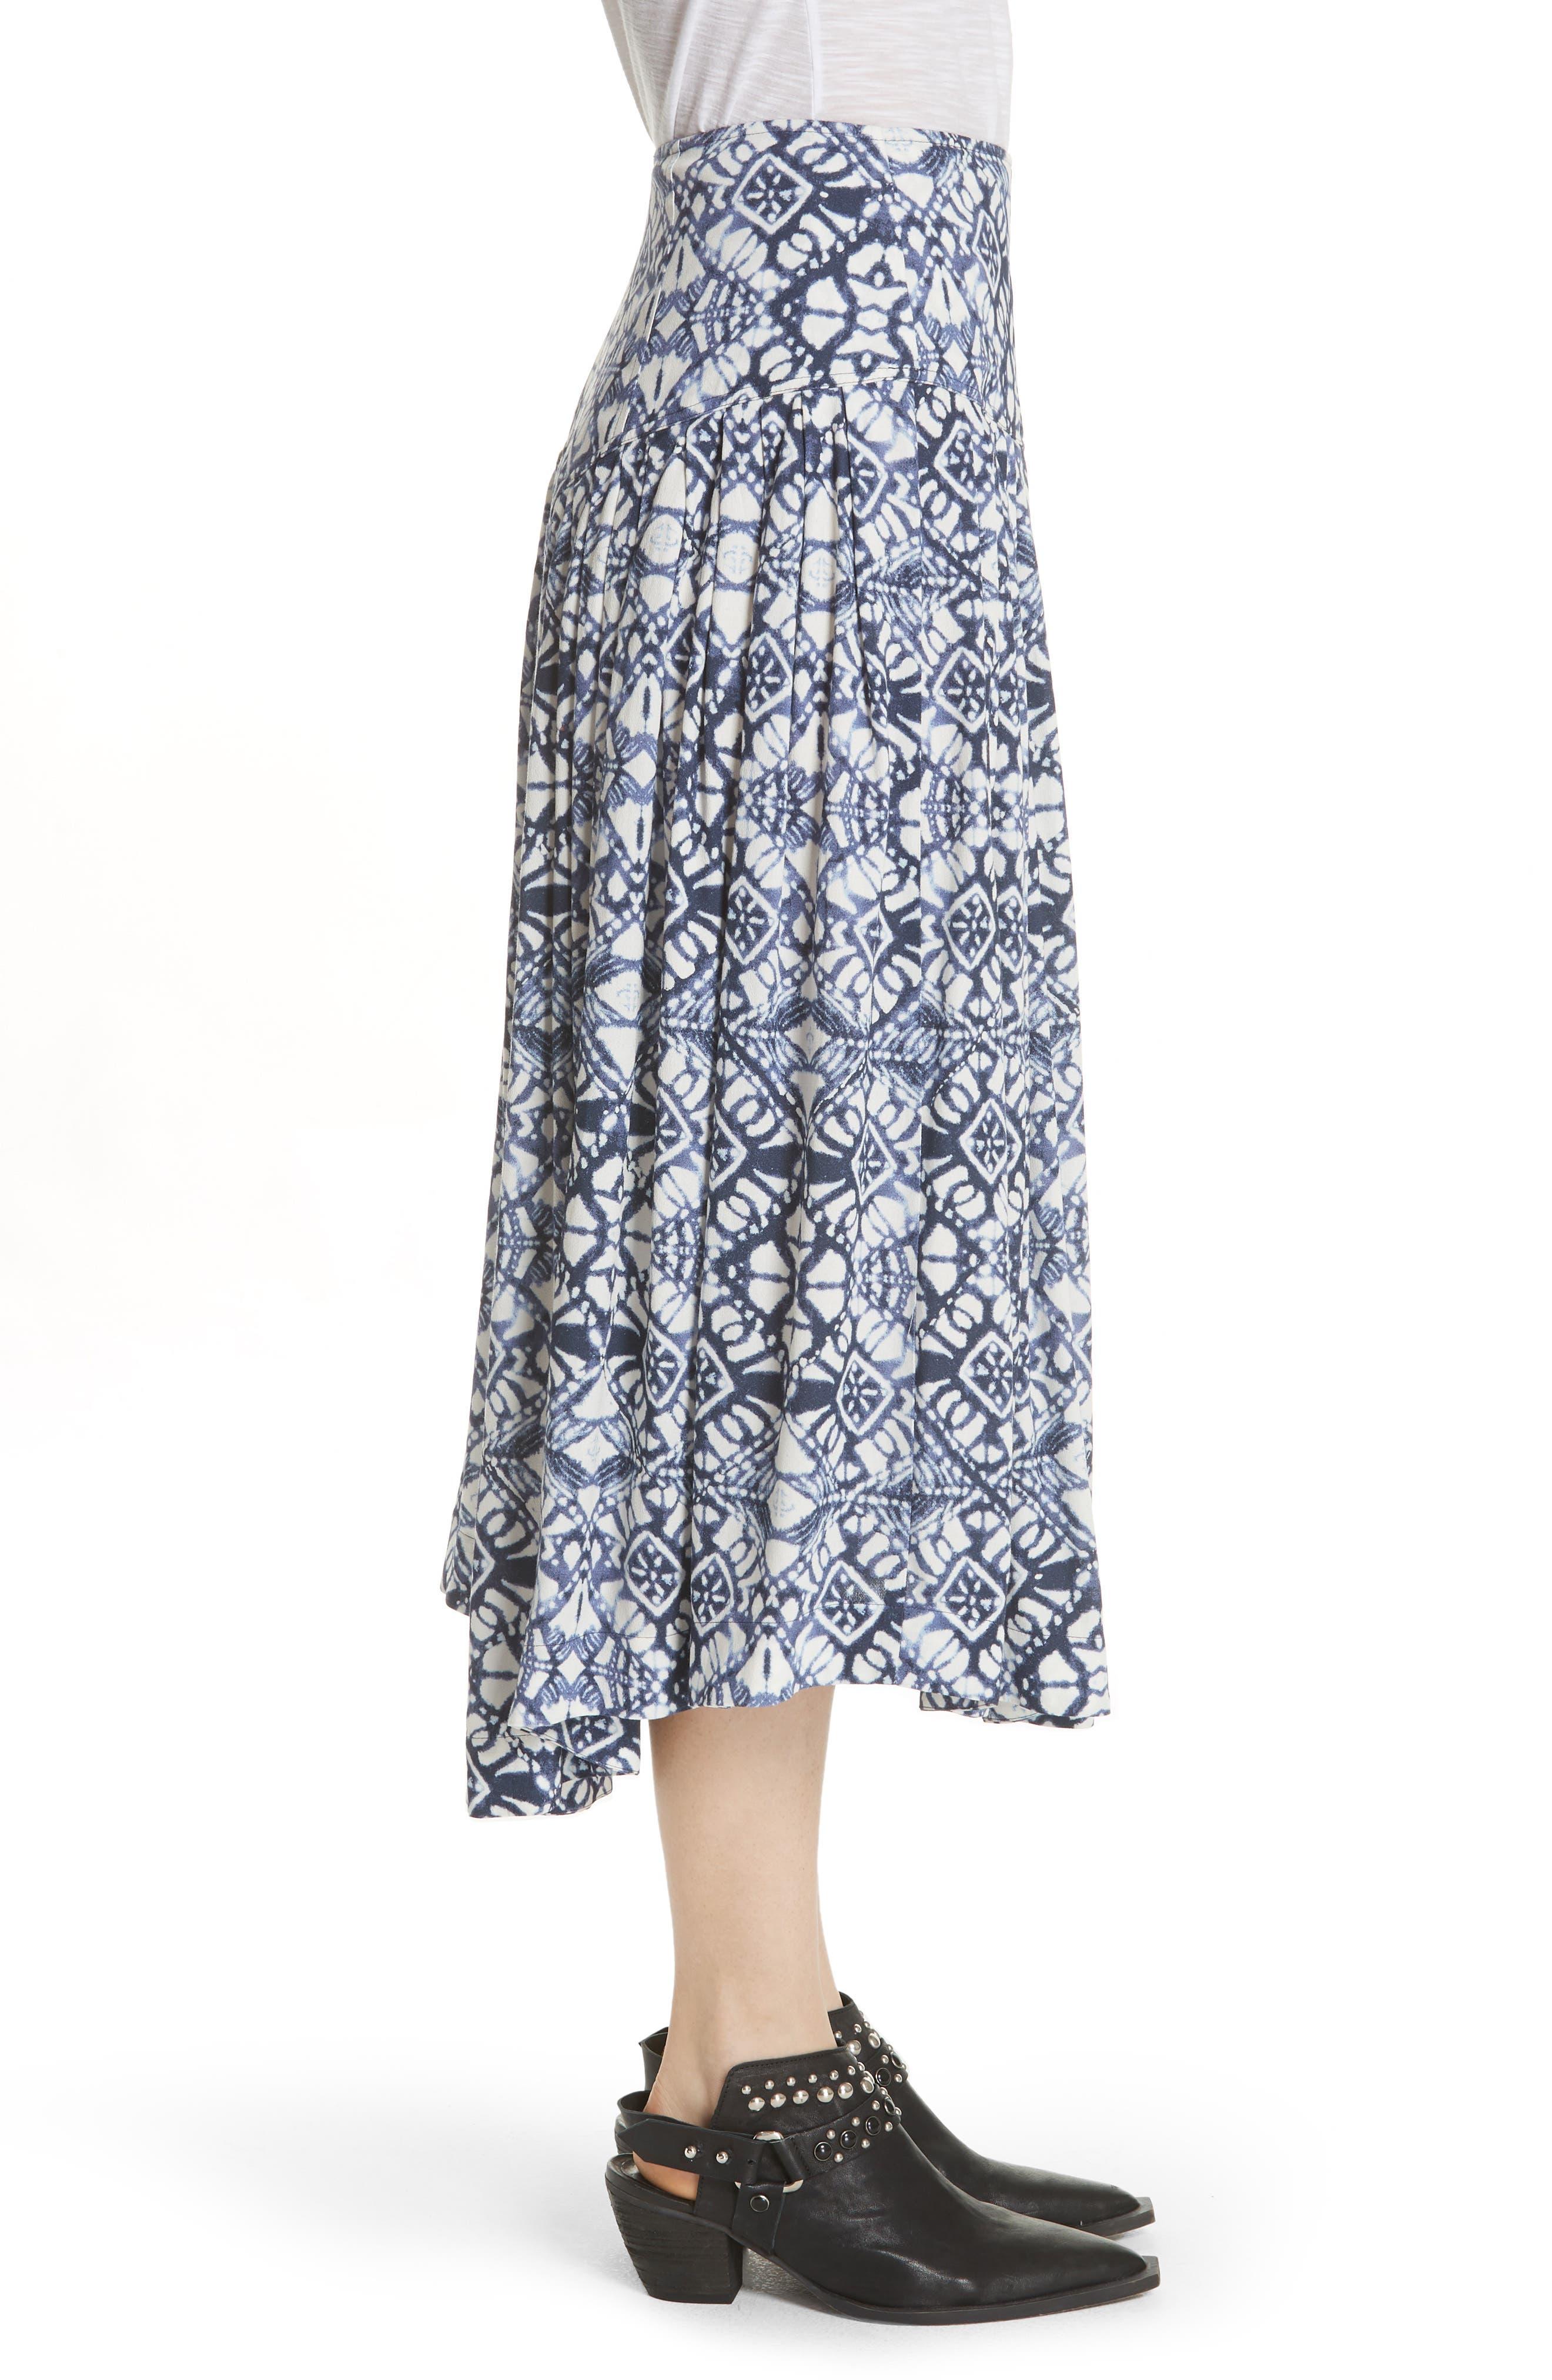 Lovers Dream Midi Skirt,                             Alternate thumbnail 3, color,                             Black